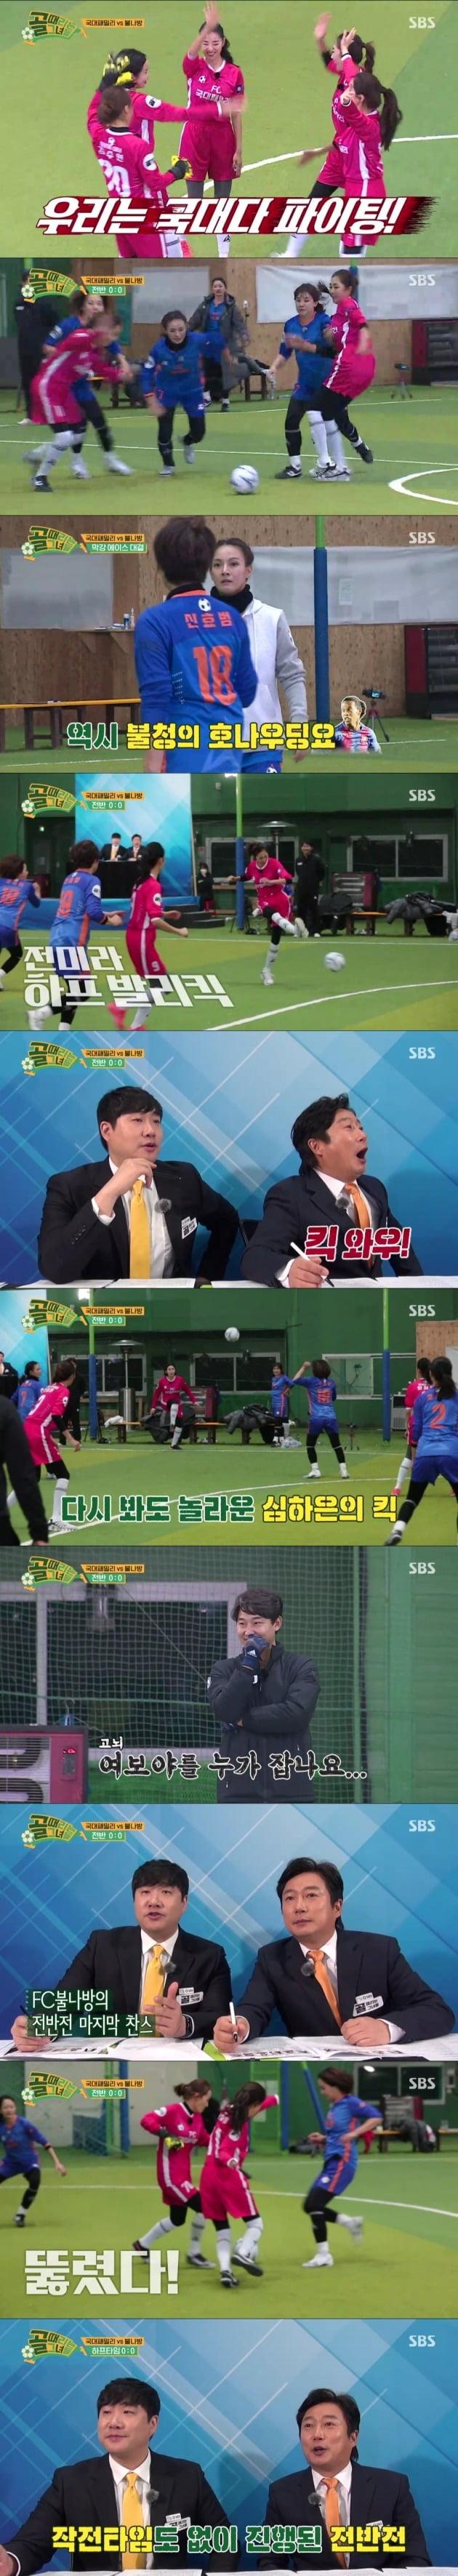 사진= SBS '골때녀' 방송 화면.